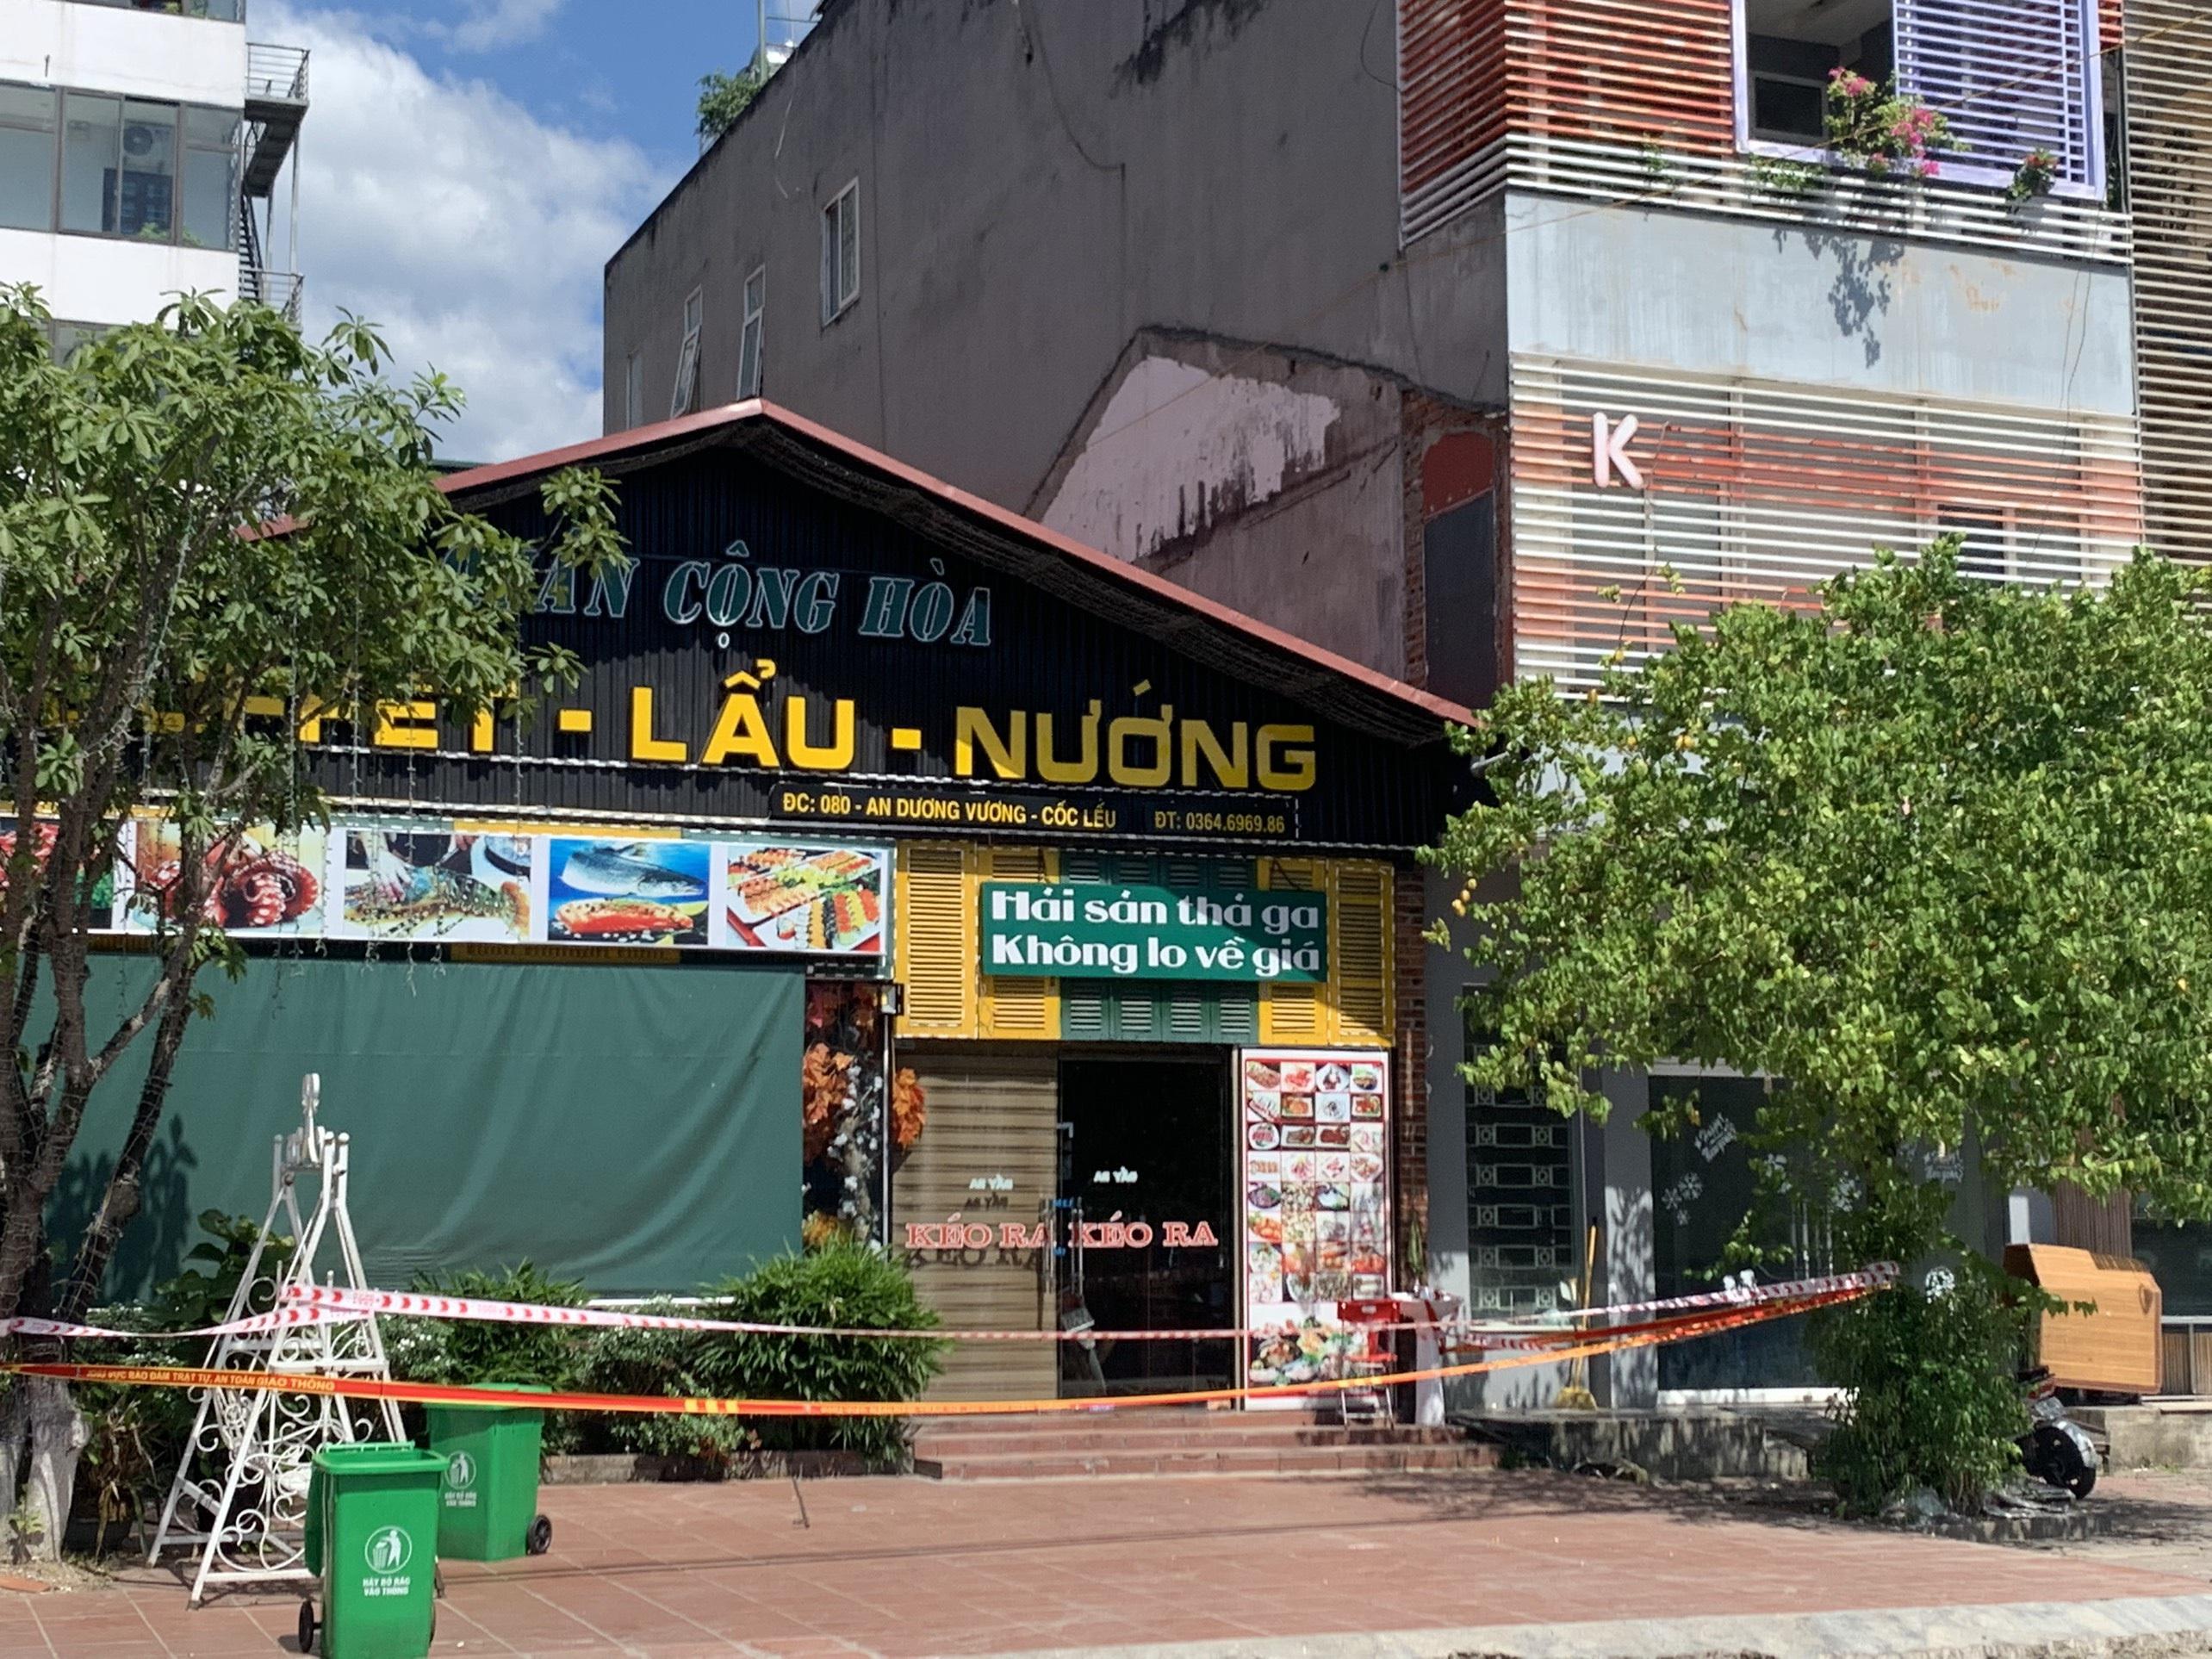 Thành phố Lào Cai dừng mọi hoạt động tôn giáo, vui chơi giải trí, thể thao - 1